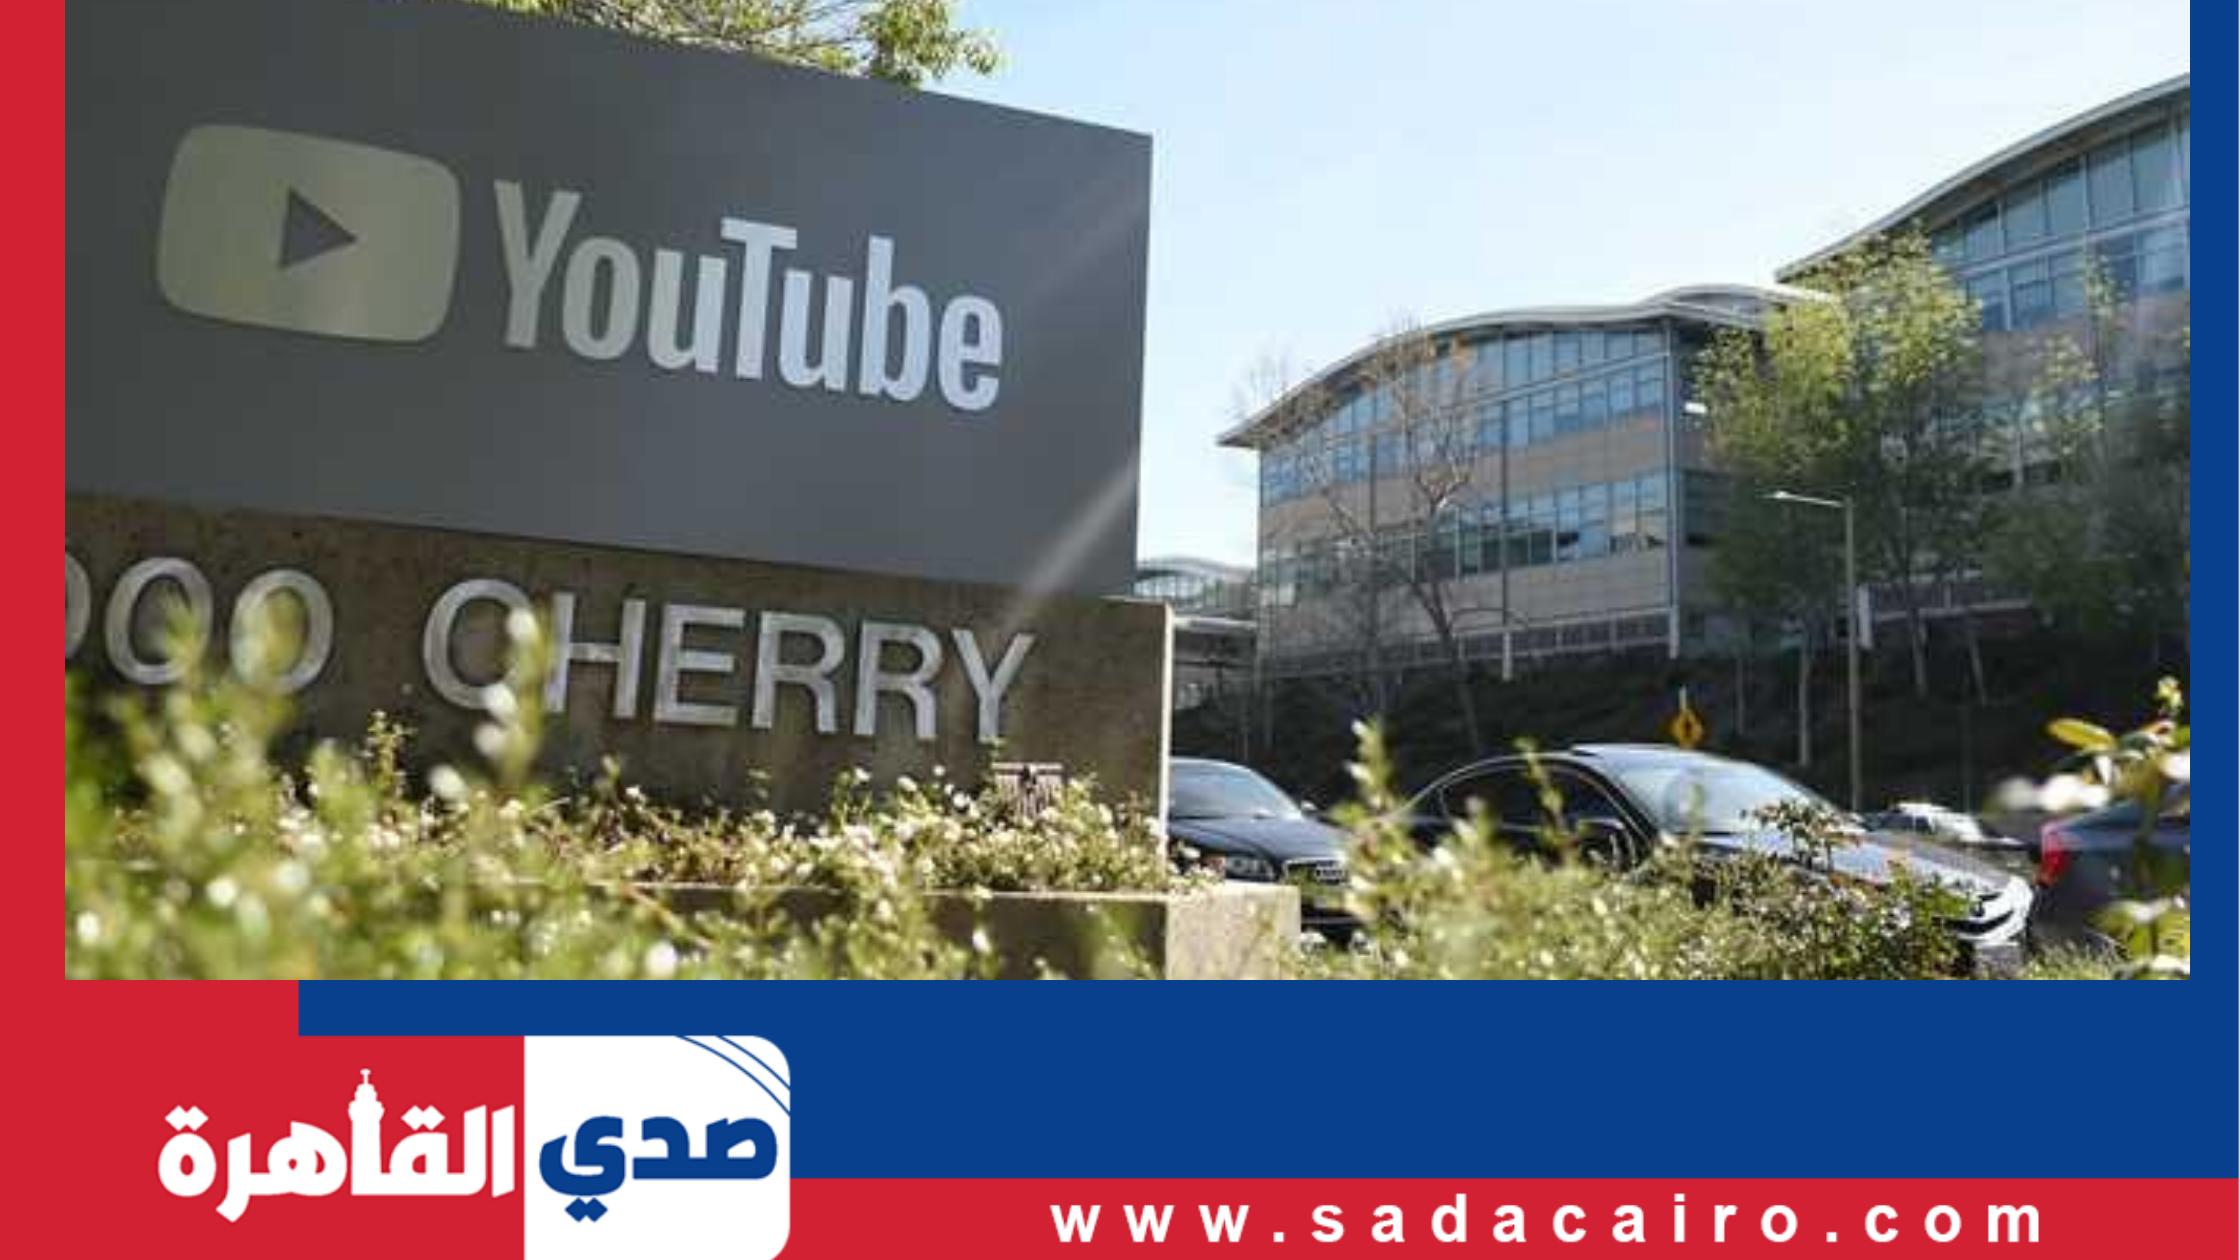 منصة يوتيوب تعلن أنها ربحت نزاعا قضائيا بشأن حقوق النشر